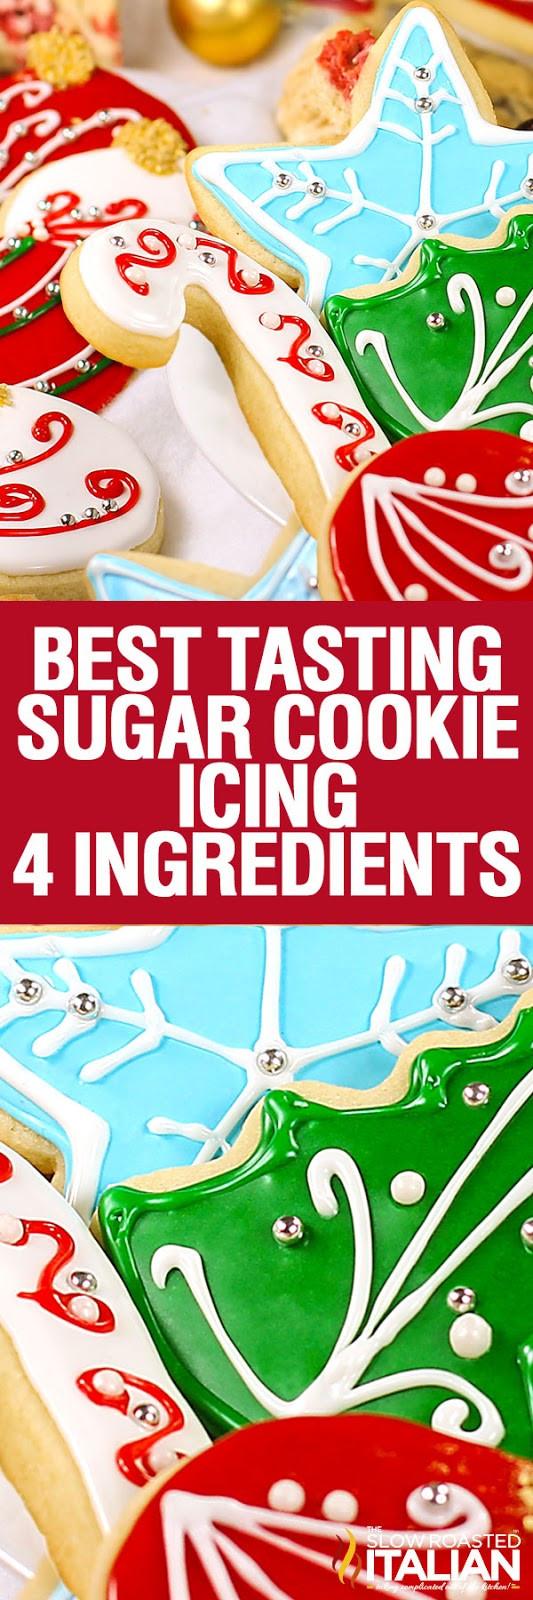 Best Tasting Christmas Cookies  Best Tasting Sugar Cookie Icing With NEW VIDEO